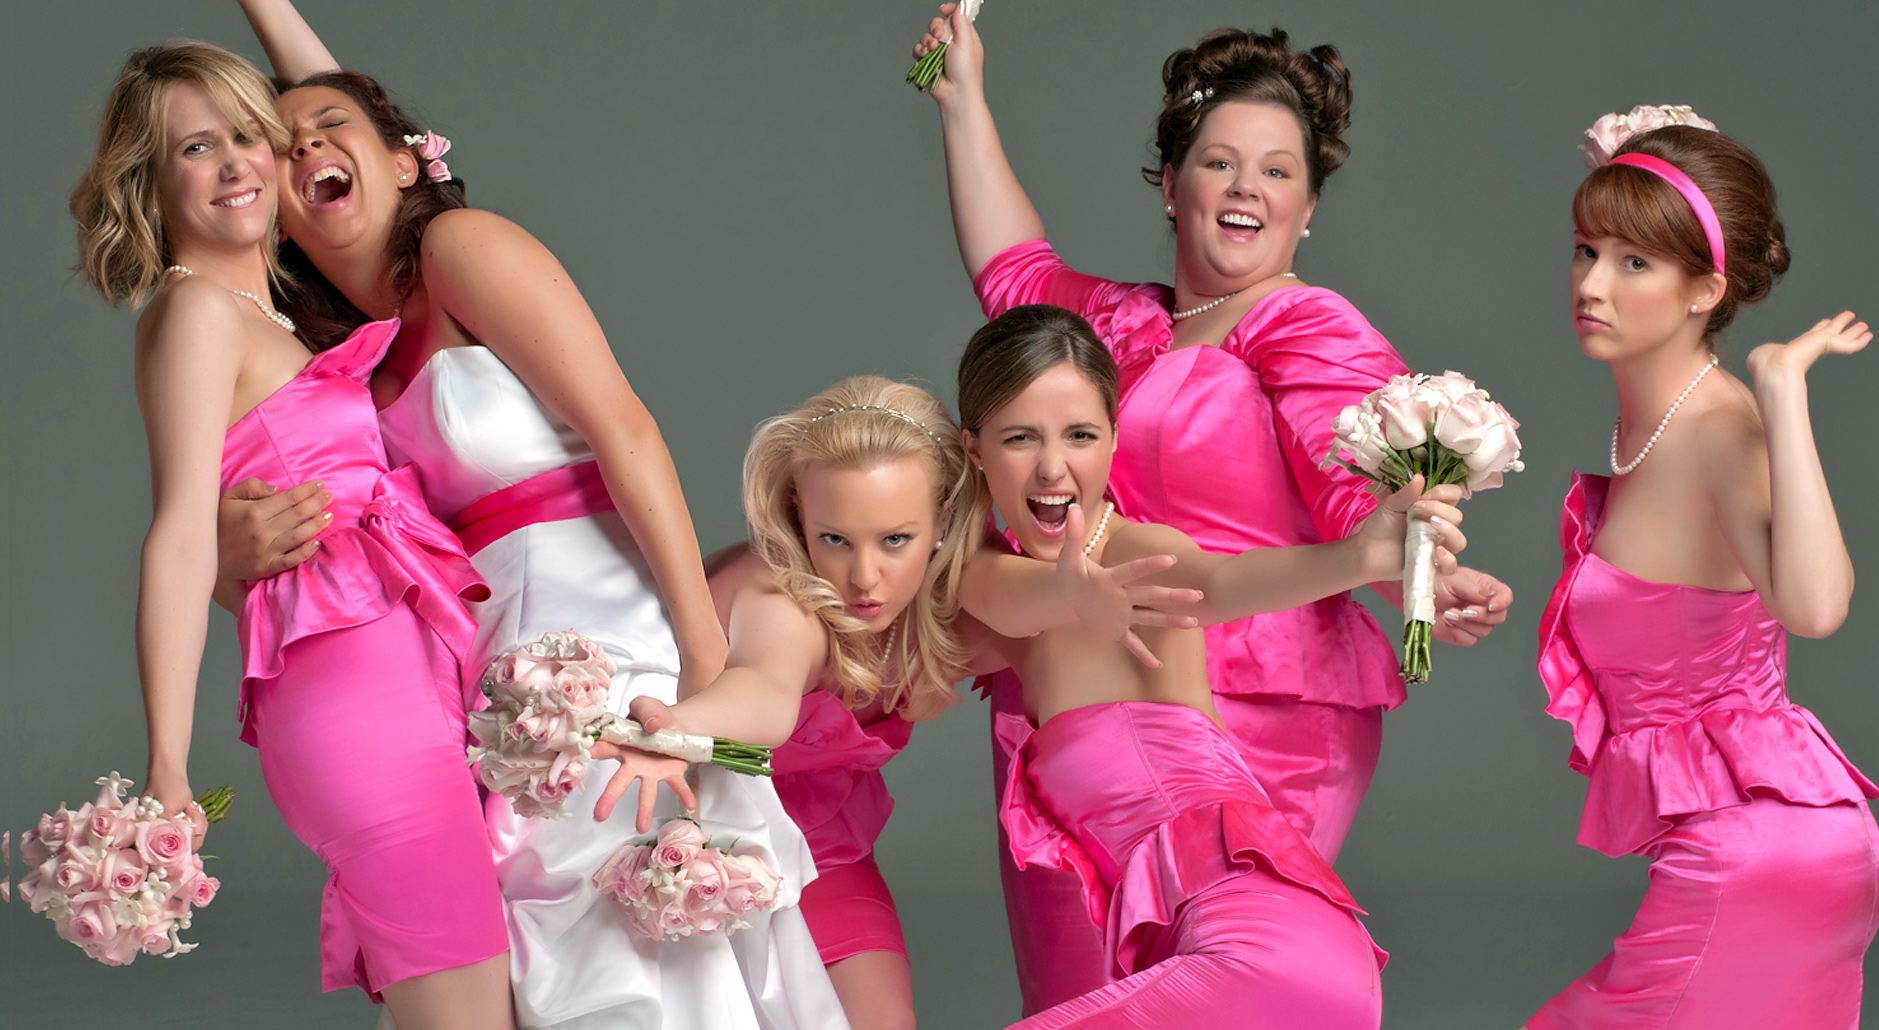 Смотреть онлайн русские девичники перед свадьбой 4 фотография